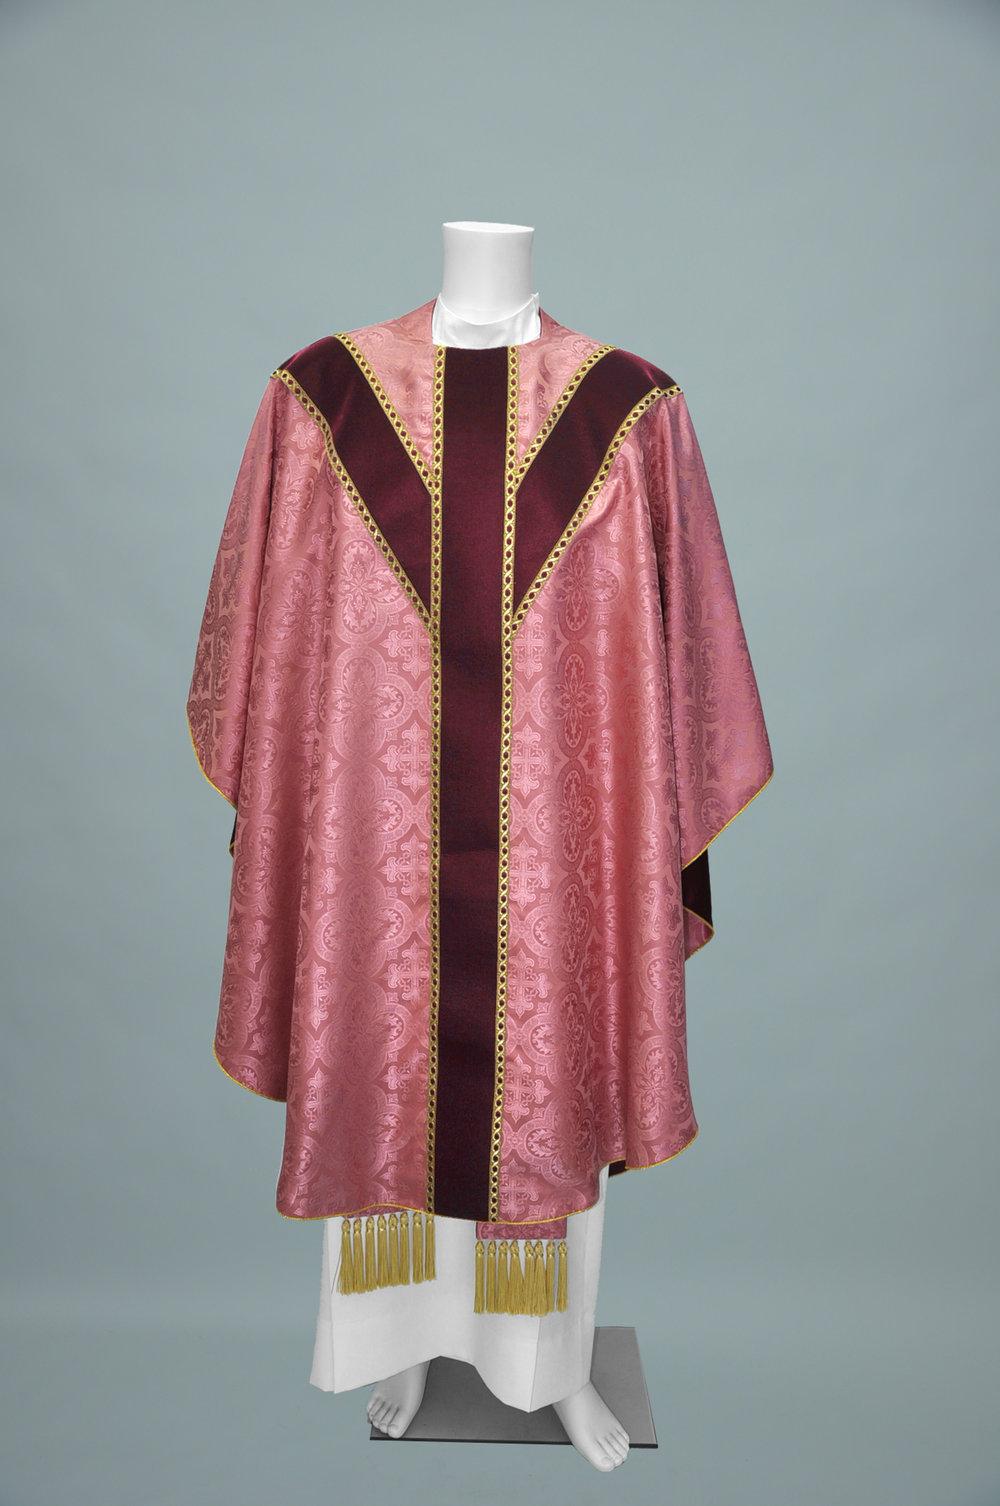 Gothic Chasuble Davinci rose W Velvet burgundy + 2326 burgundy gold (f) 1.jpg